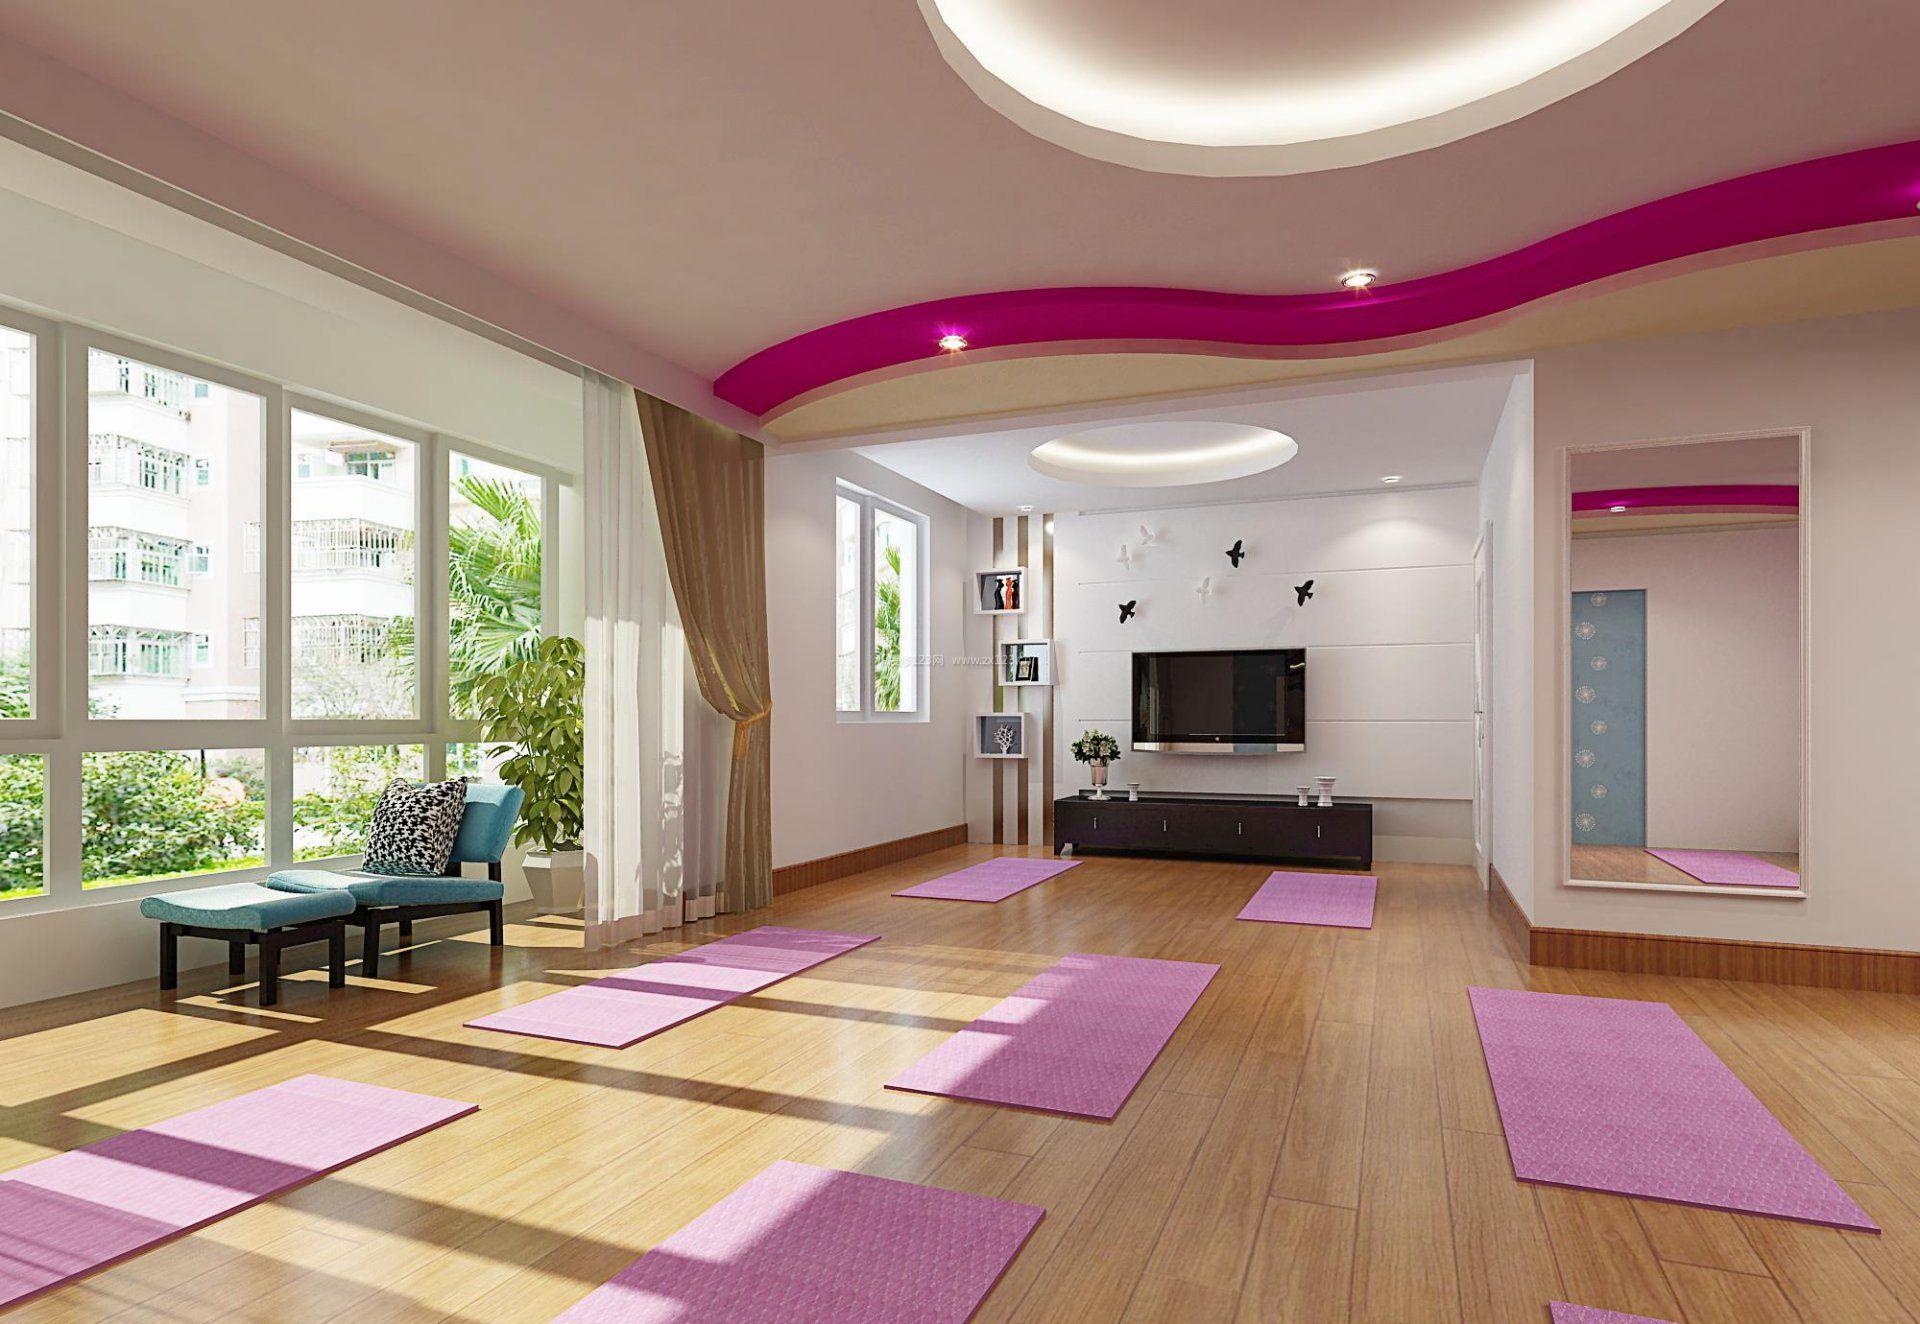 瑜伽馆室内窗户设计装修效果图